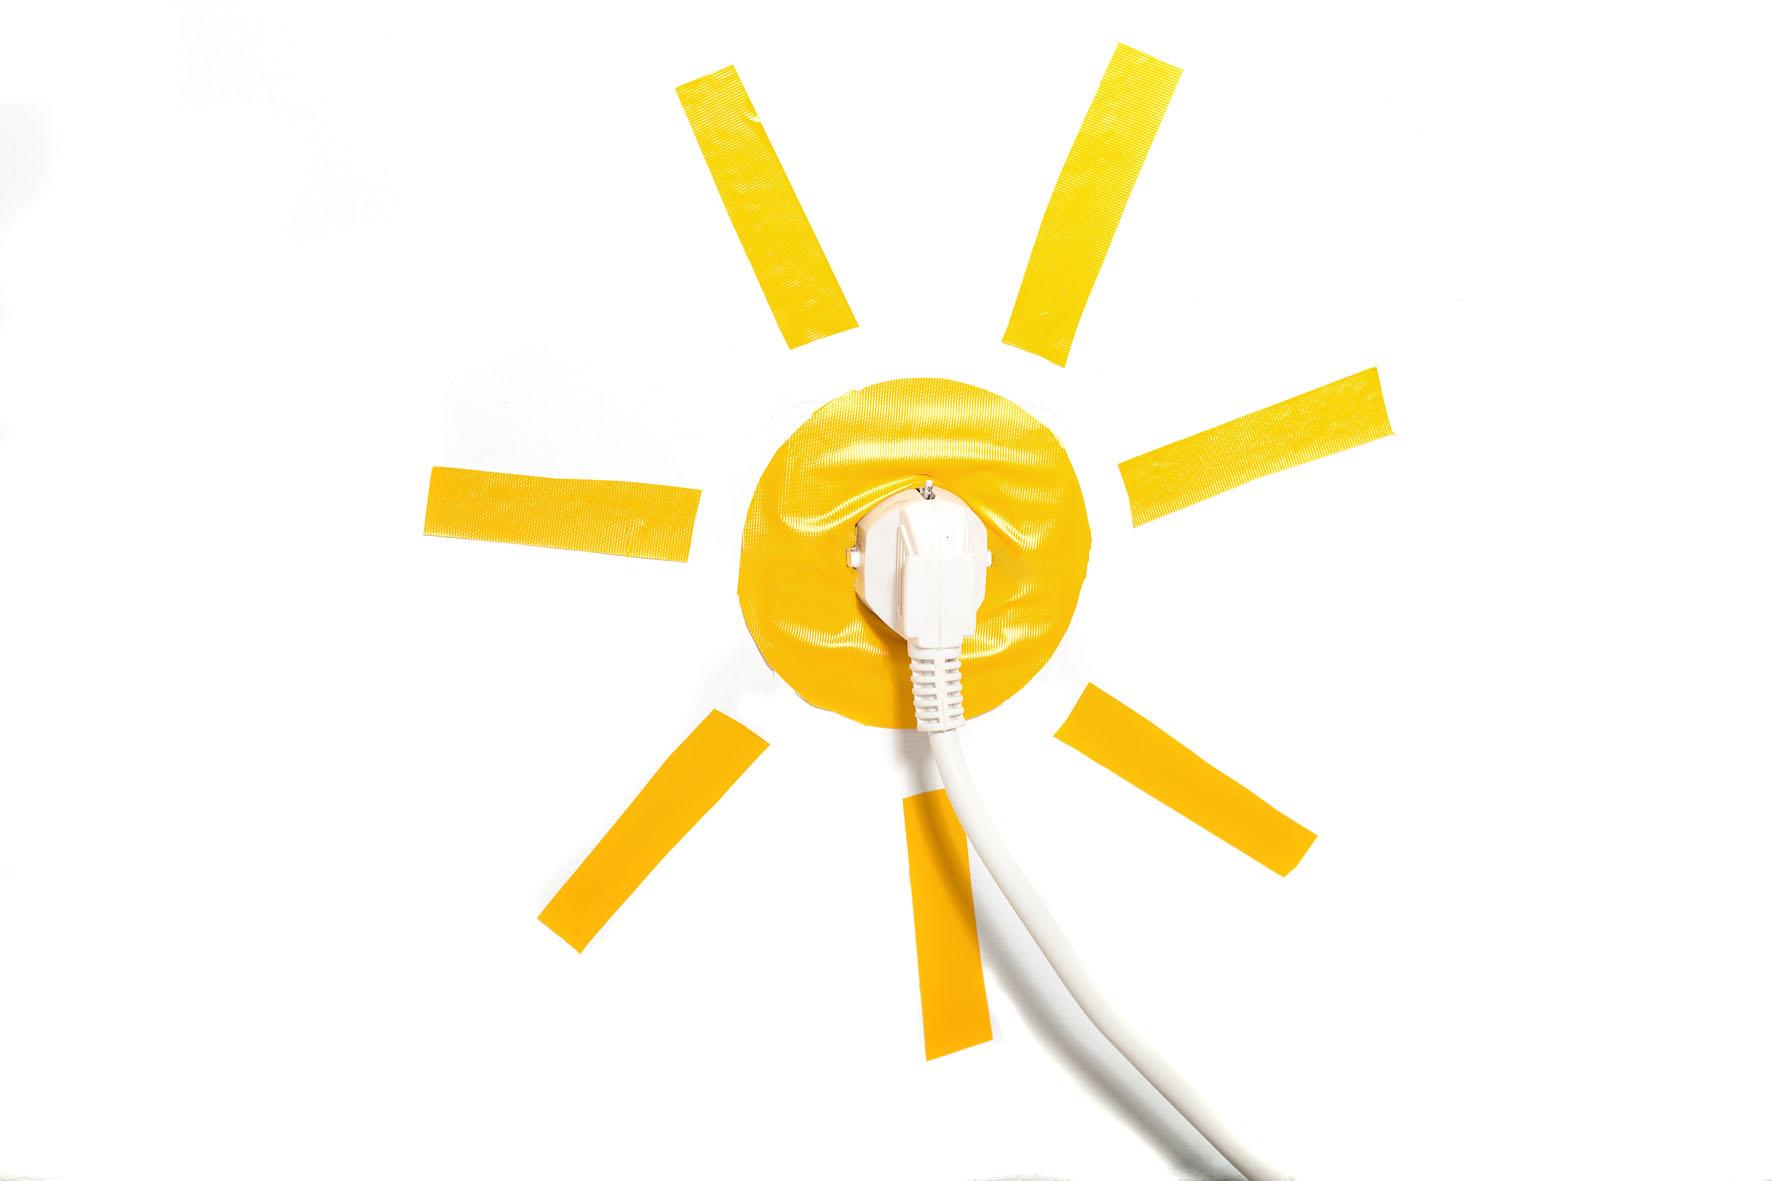 Die Photovoltaik hatte 2013 einen Anteil von etwa fünf Prozent am deutschen Bruttostromverbrauch - diese Quote soll bis 2020 auf rund zehn Prozent steigen.